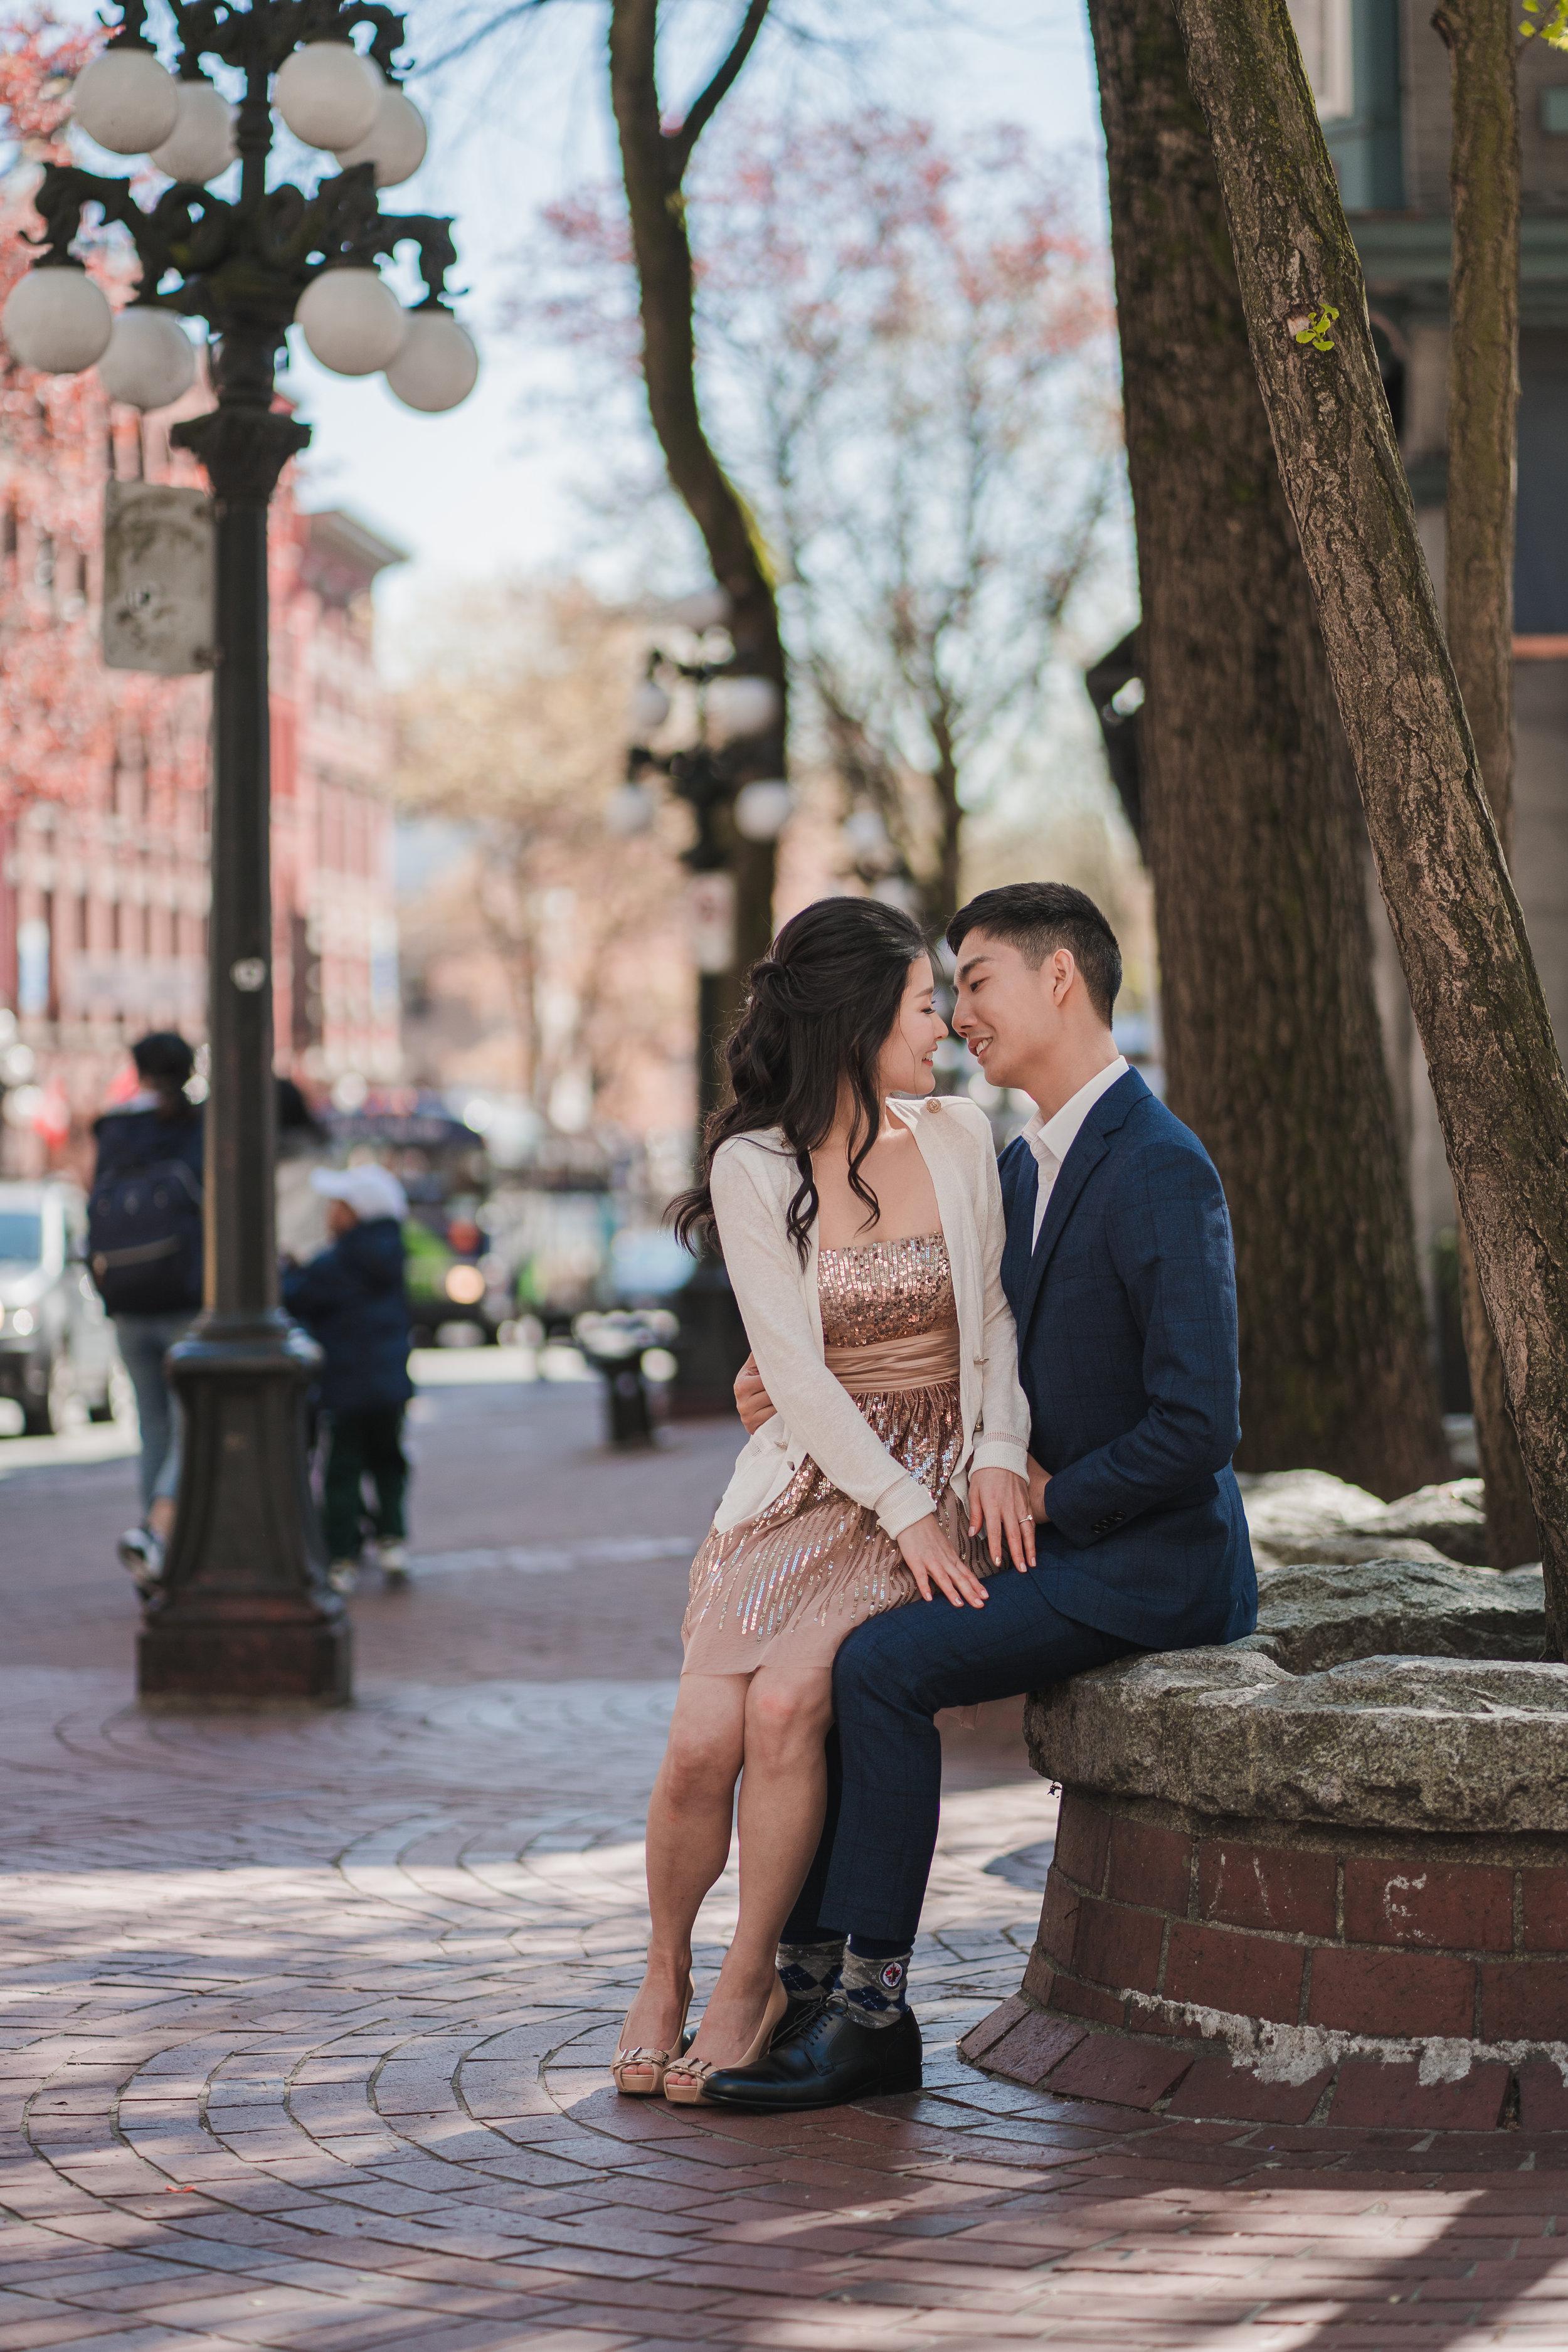 20190428 - Rachel & Brandon Engagement - 0088.jpg